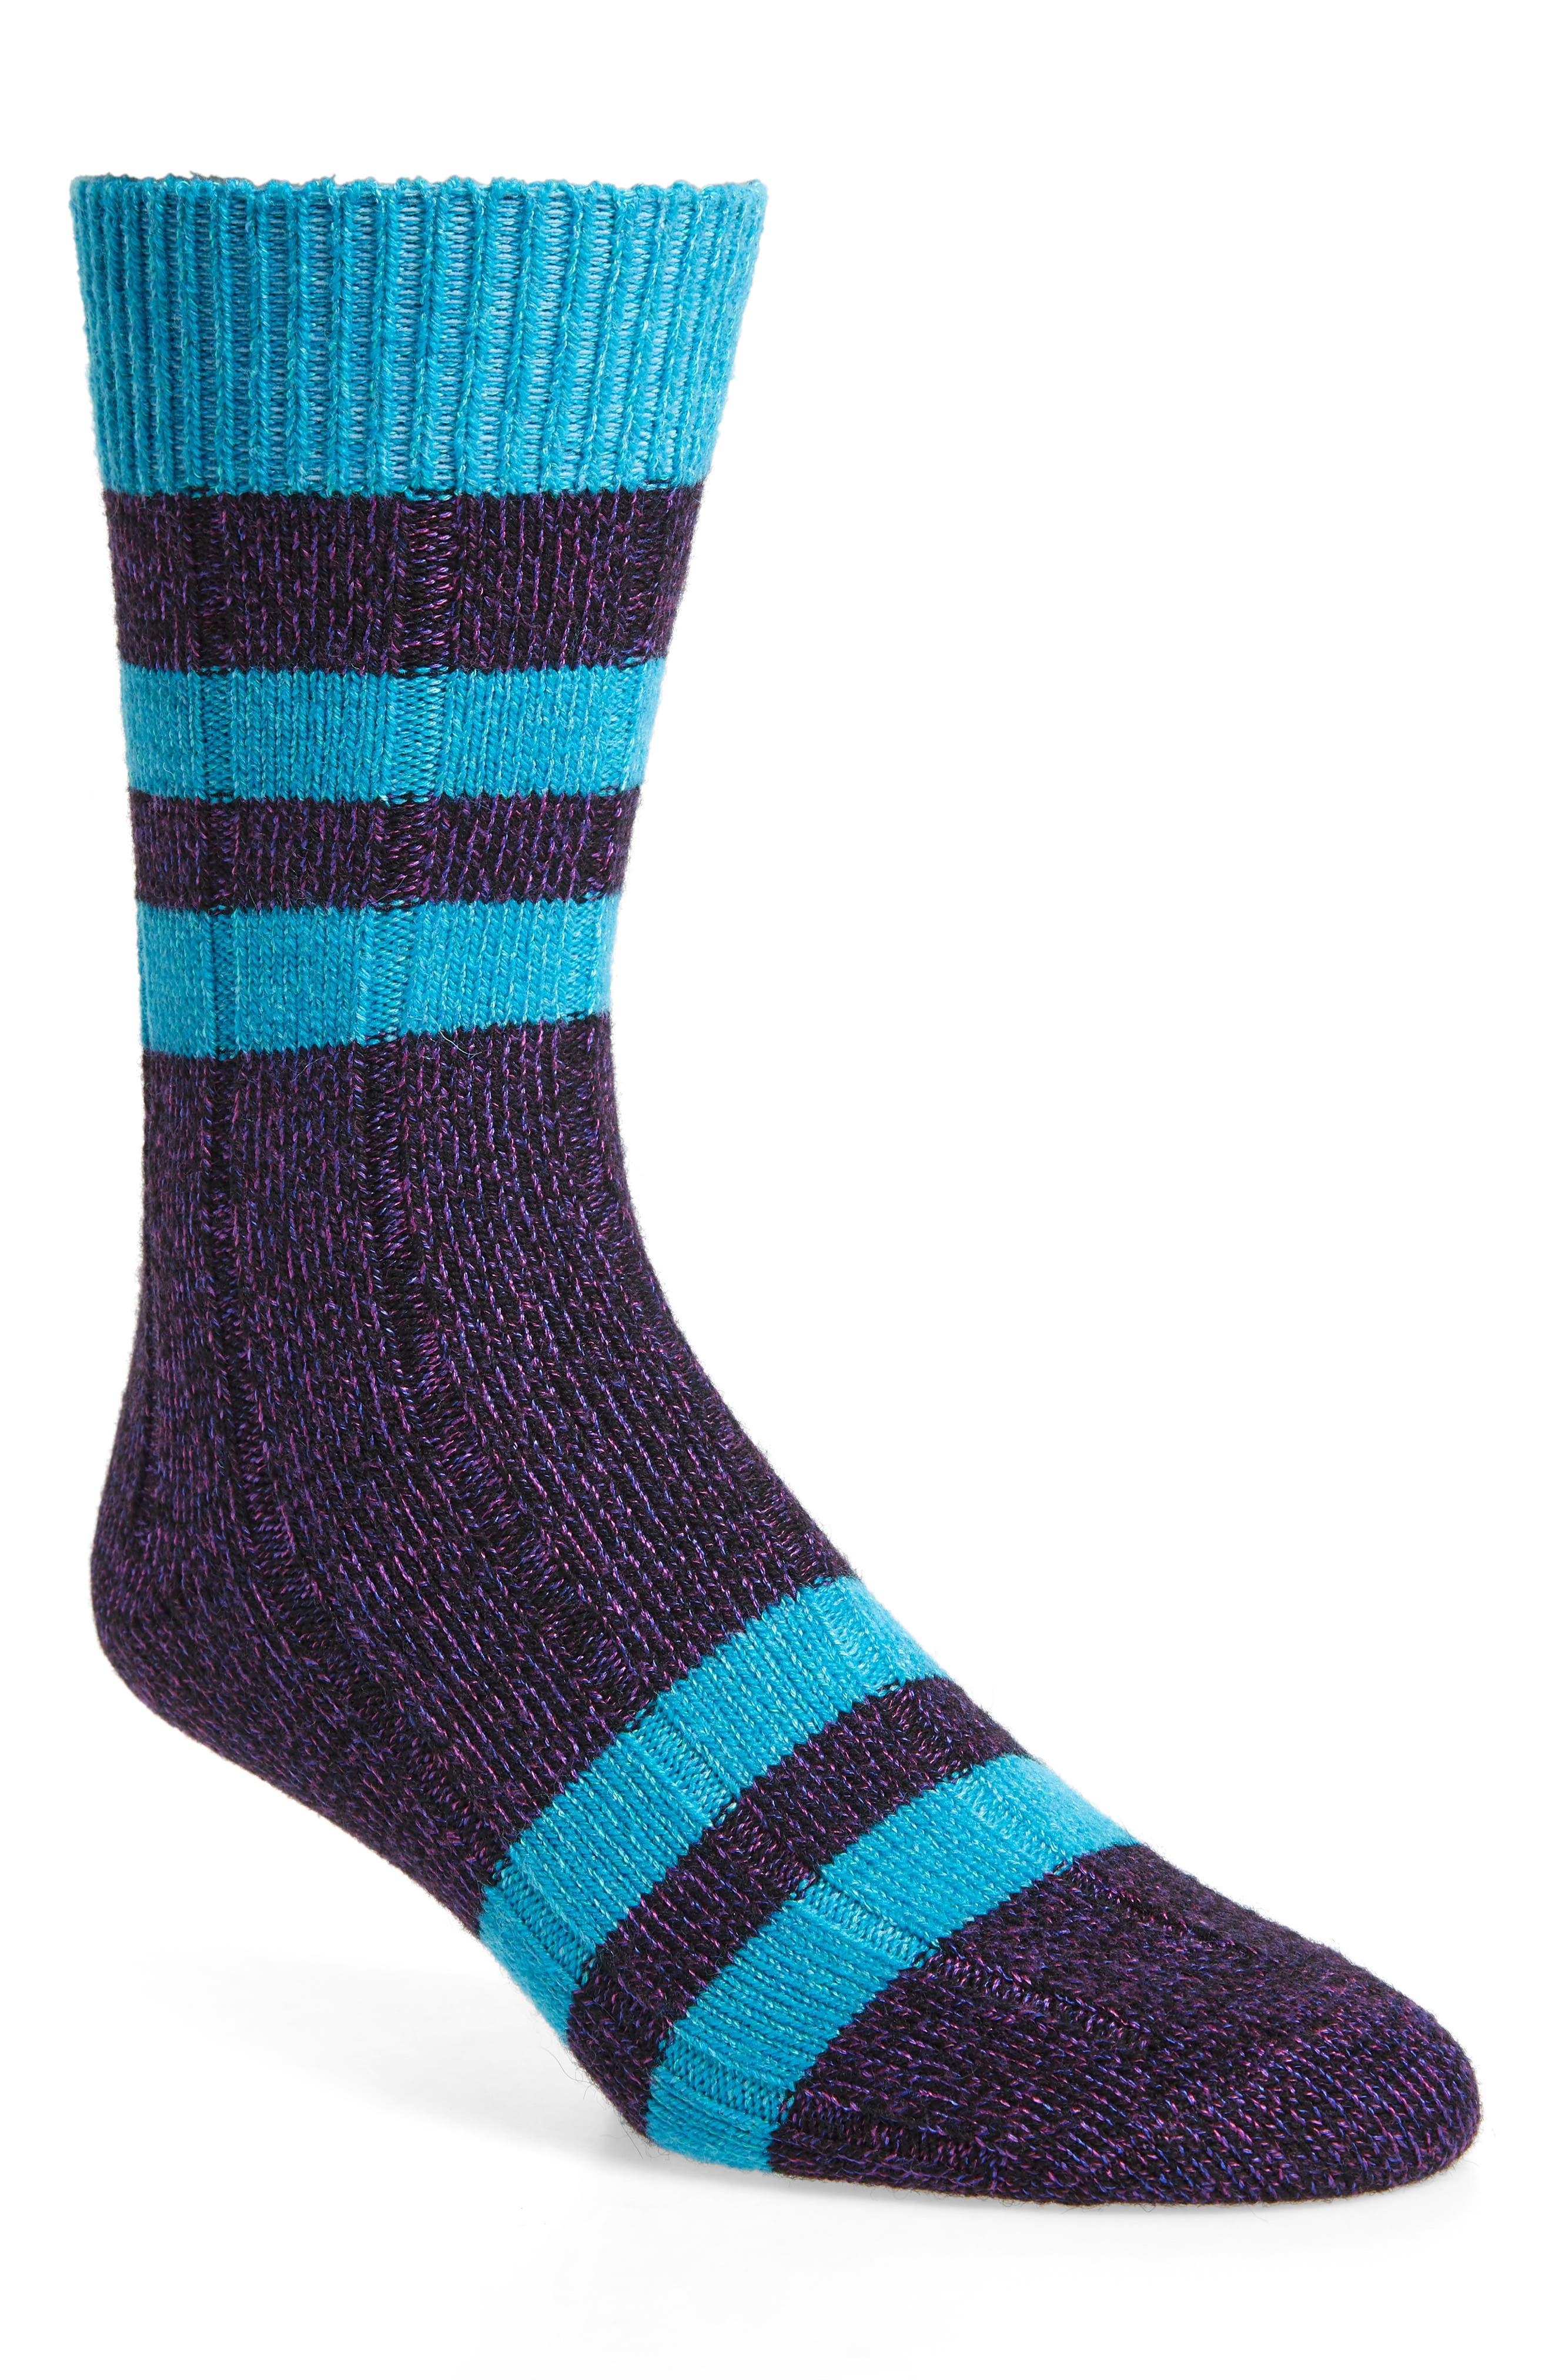 HAPPY SOCKS Thick Stripe Socks in Purple/ Blue